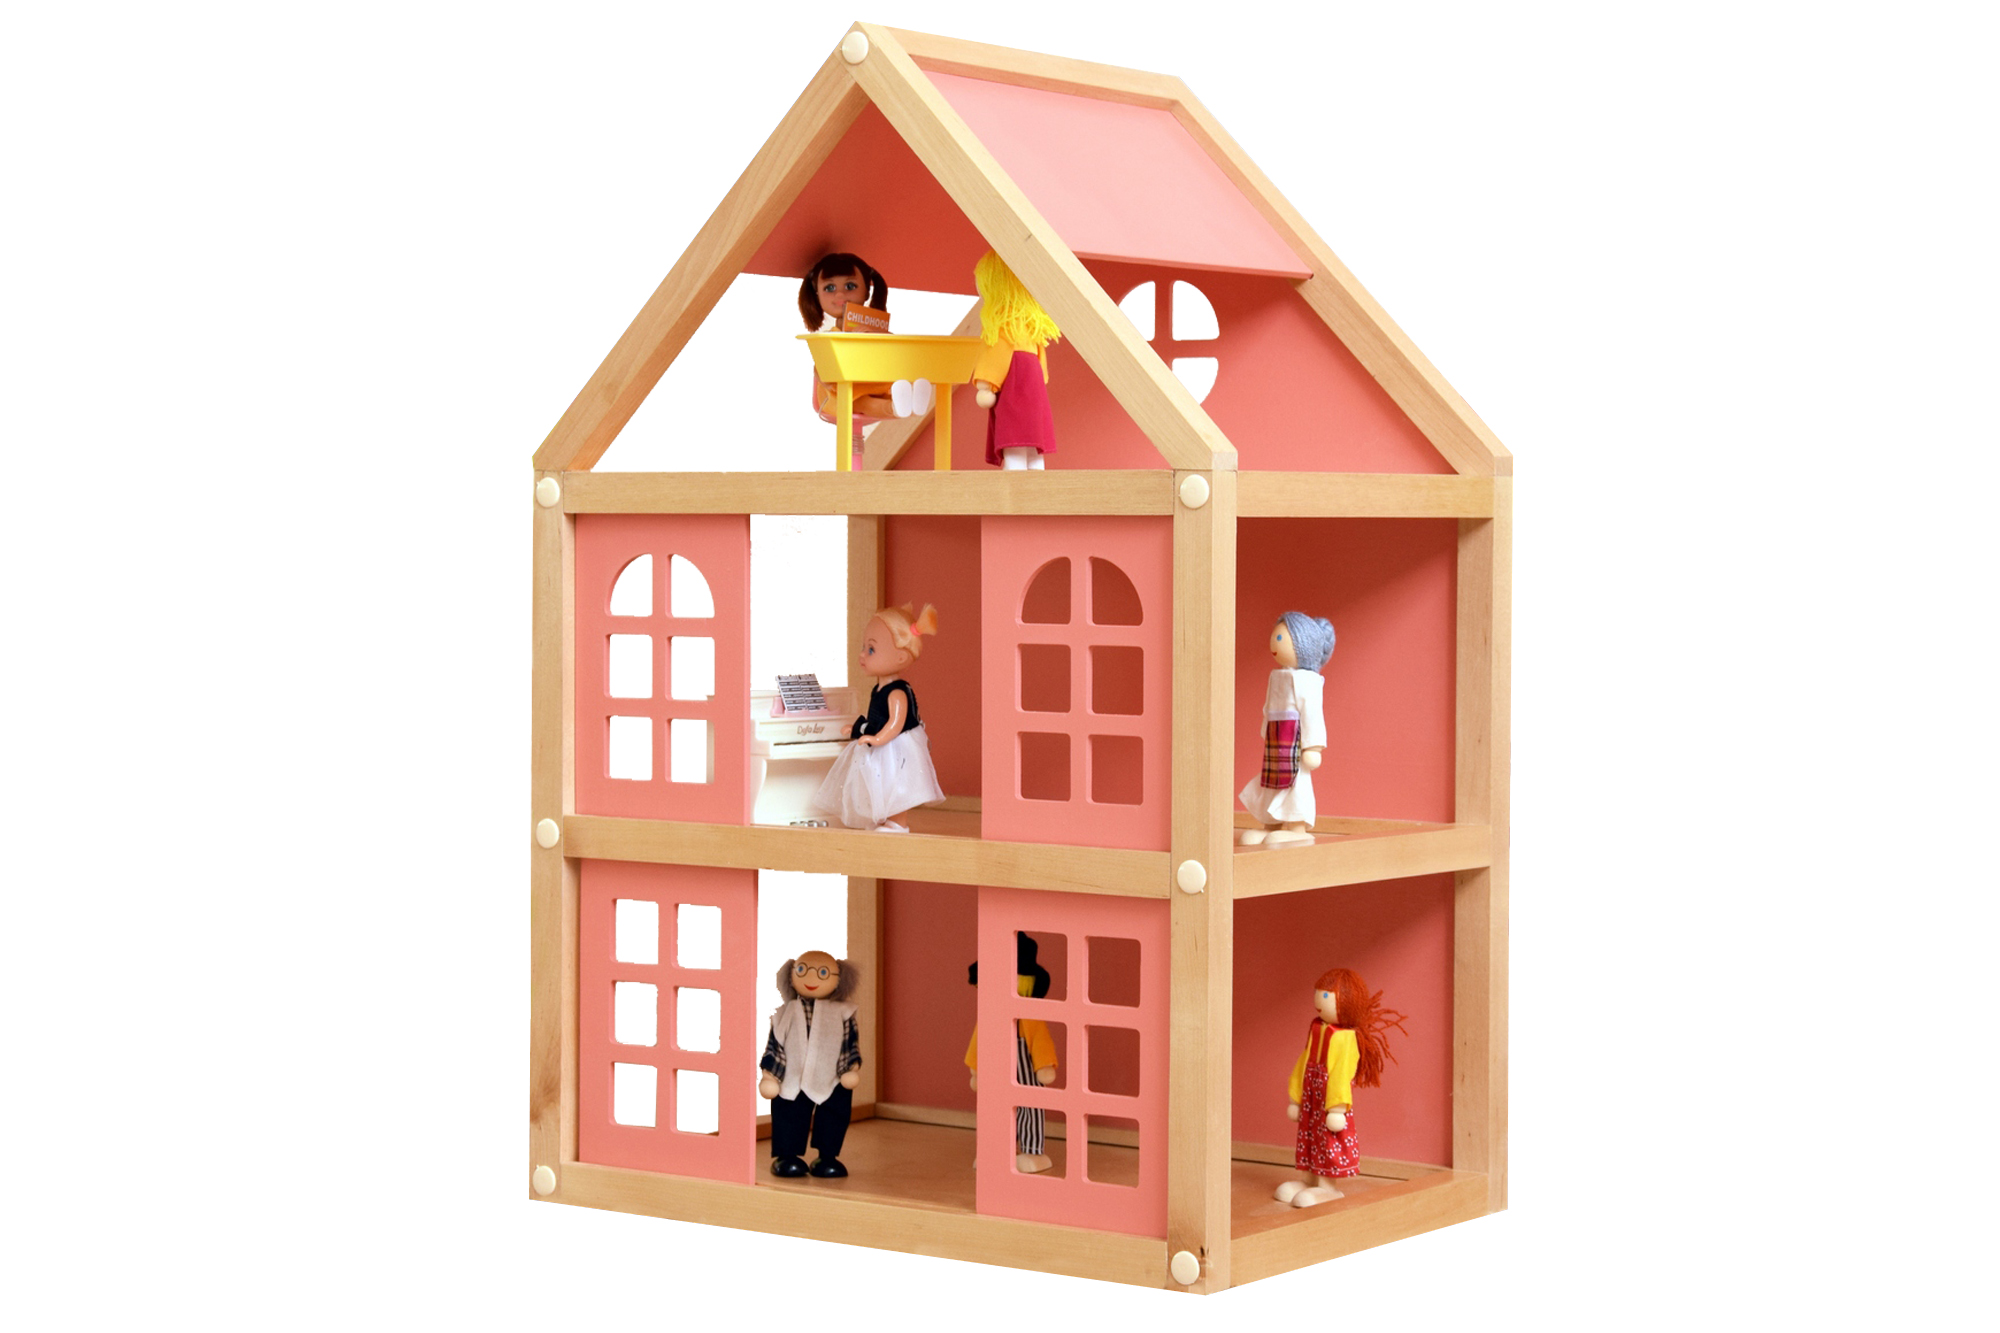 Набор для конструирования Мишка Кострома Кукольный домик 3 этажа ДК-001 фото